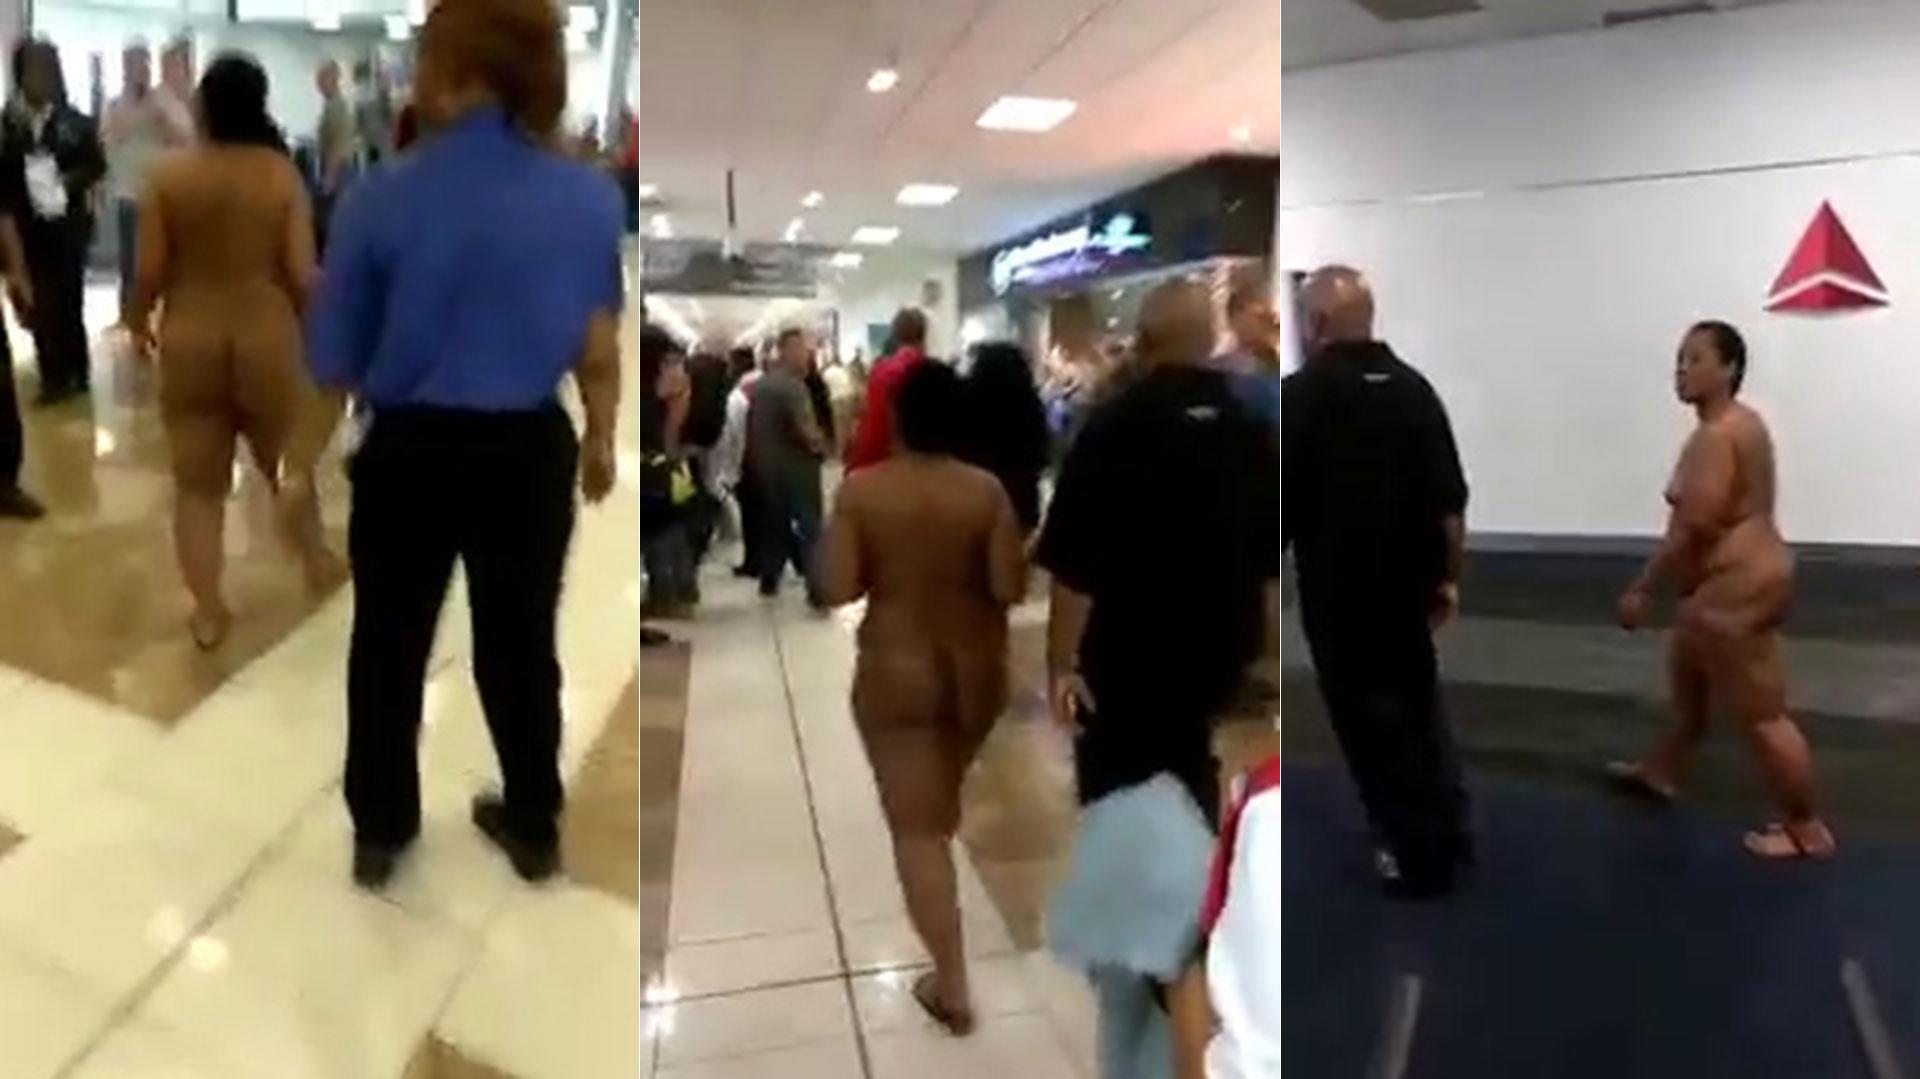 Mujeres Desnudas Por Las Calles Porno una mujer desnuda causó caos en un aeropuerto de estados